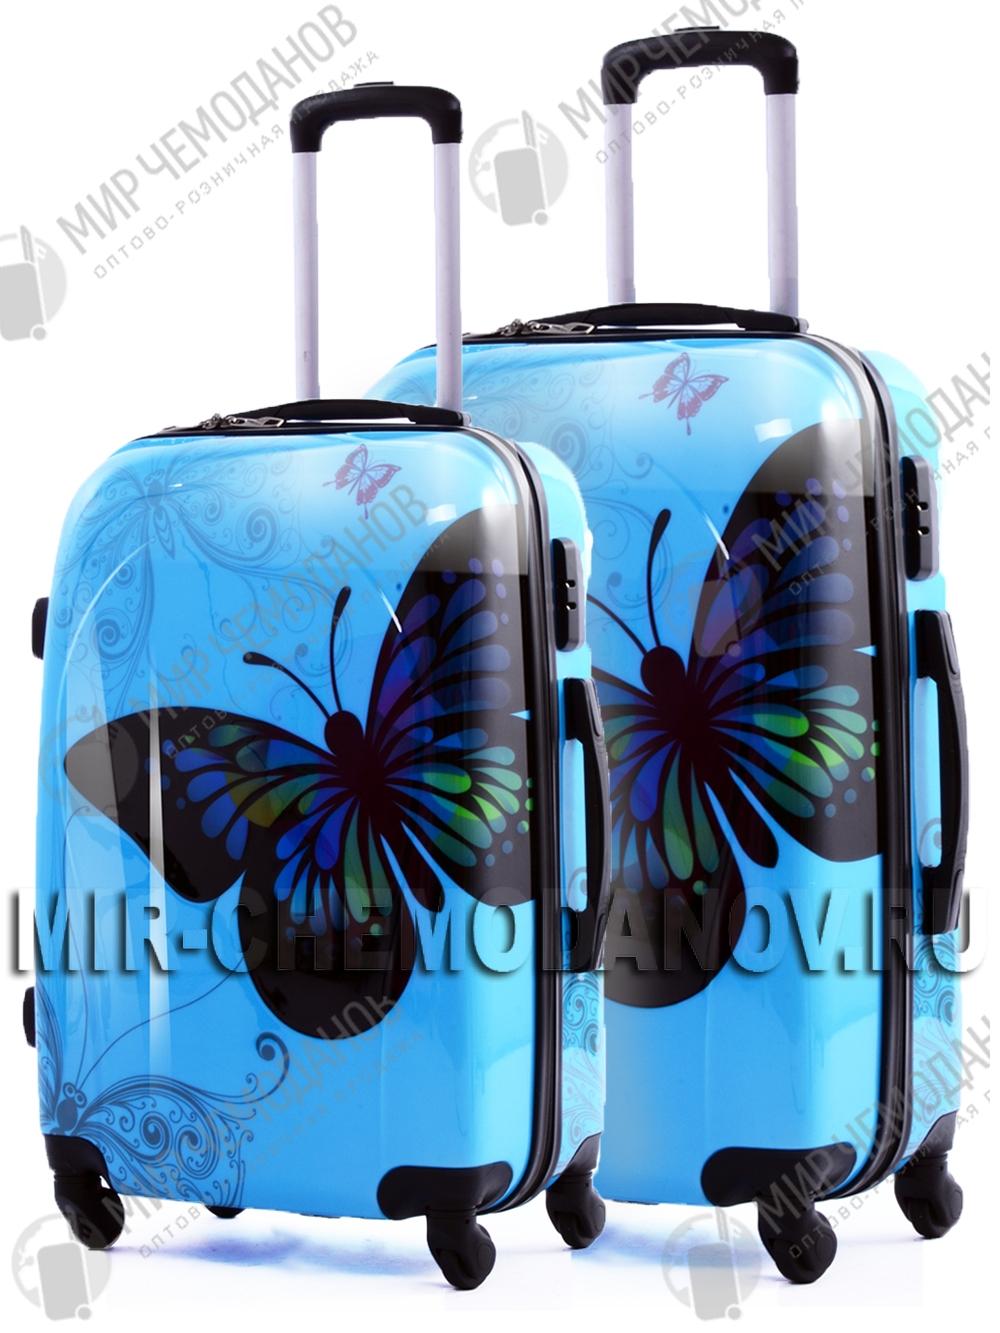 Сбор заказов. Чемоданы и чехлы для них, сумки, рюкзаки и прочее. Огромный выбор на любой цвет и вкус.